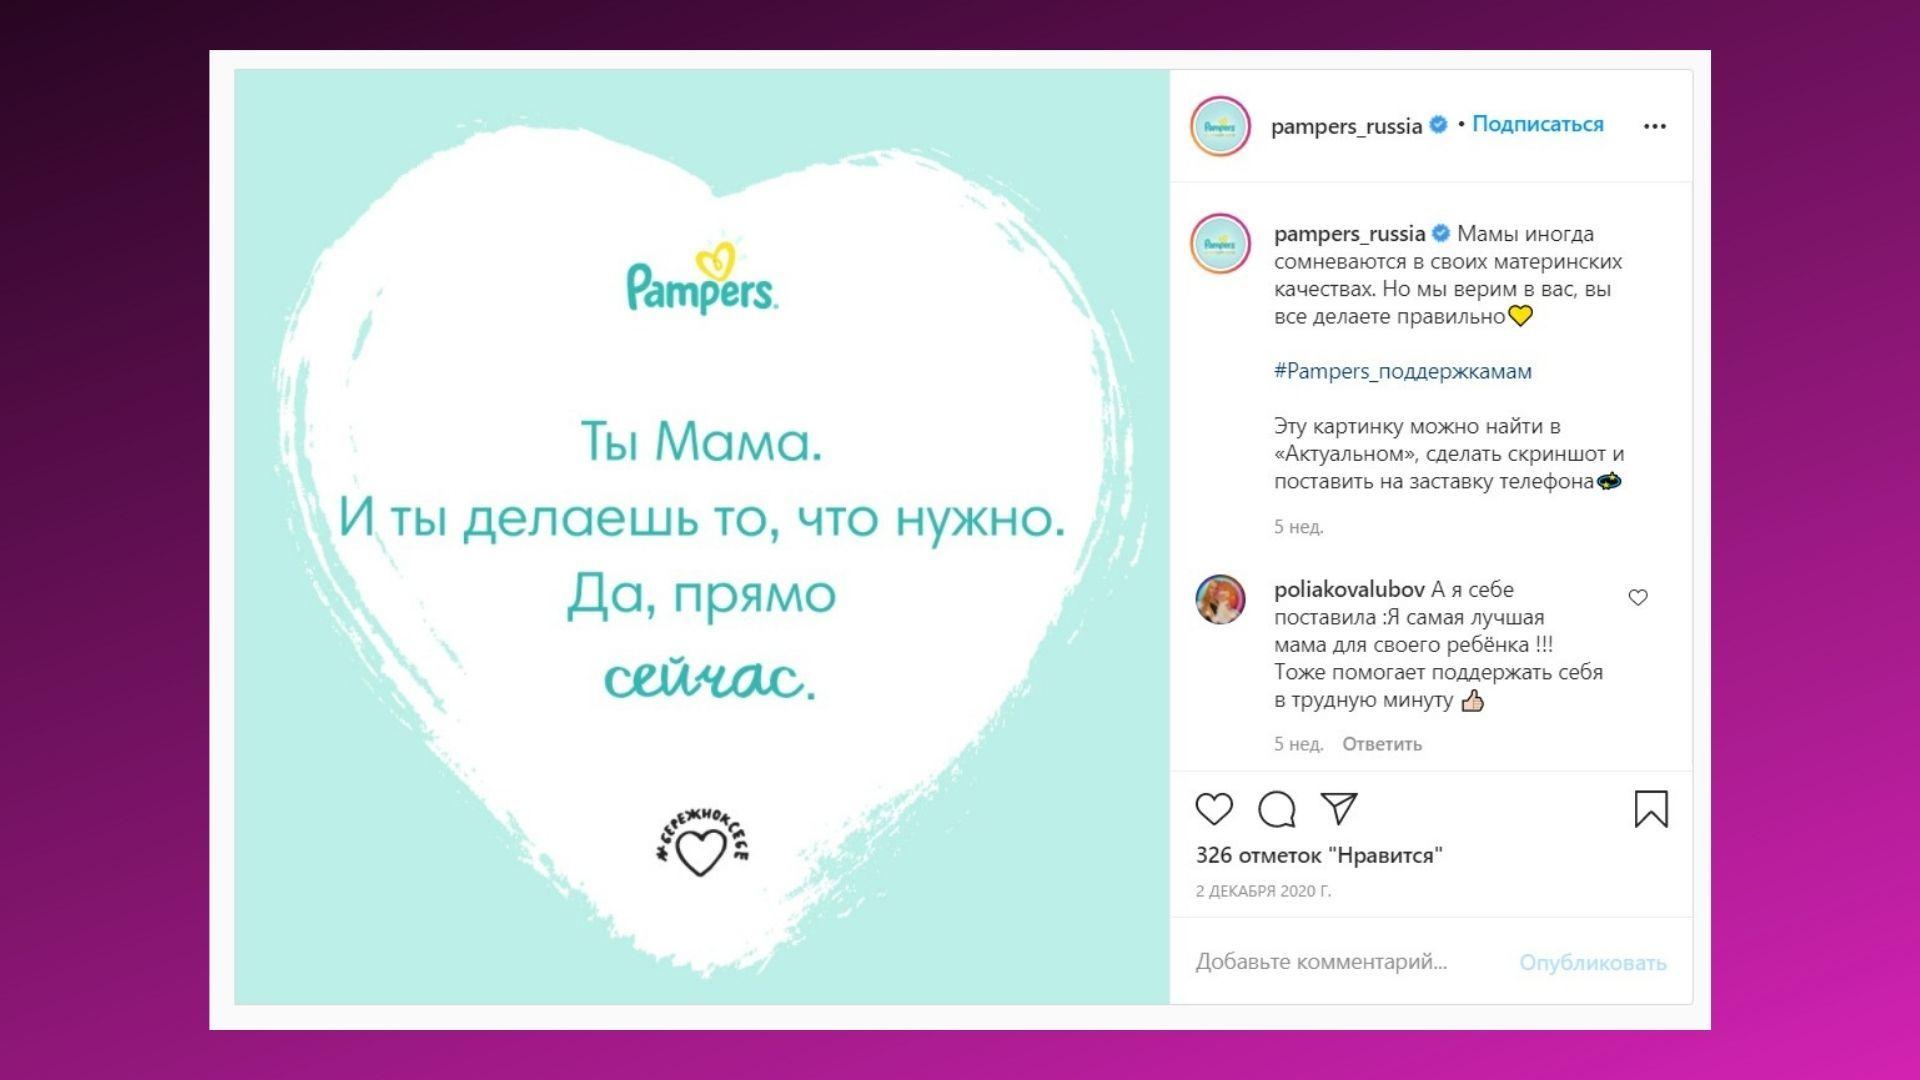 Pampers ведет свои соцсети как место поддержки для молодых мам, поэтому использует в постах мотивирующие цитаты